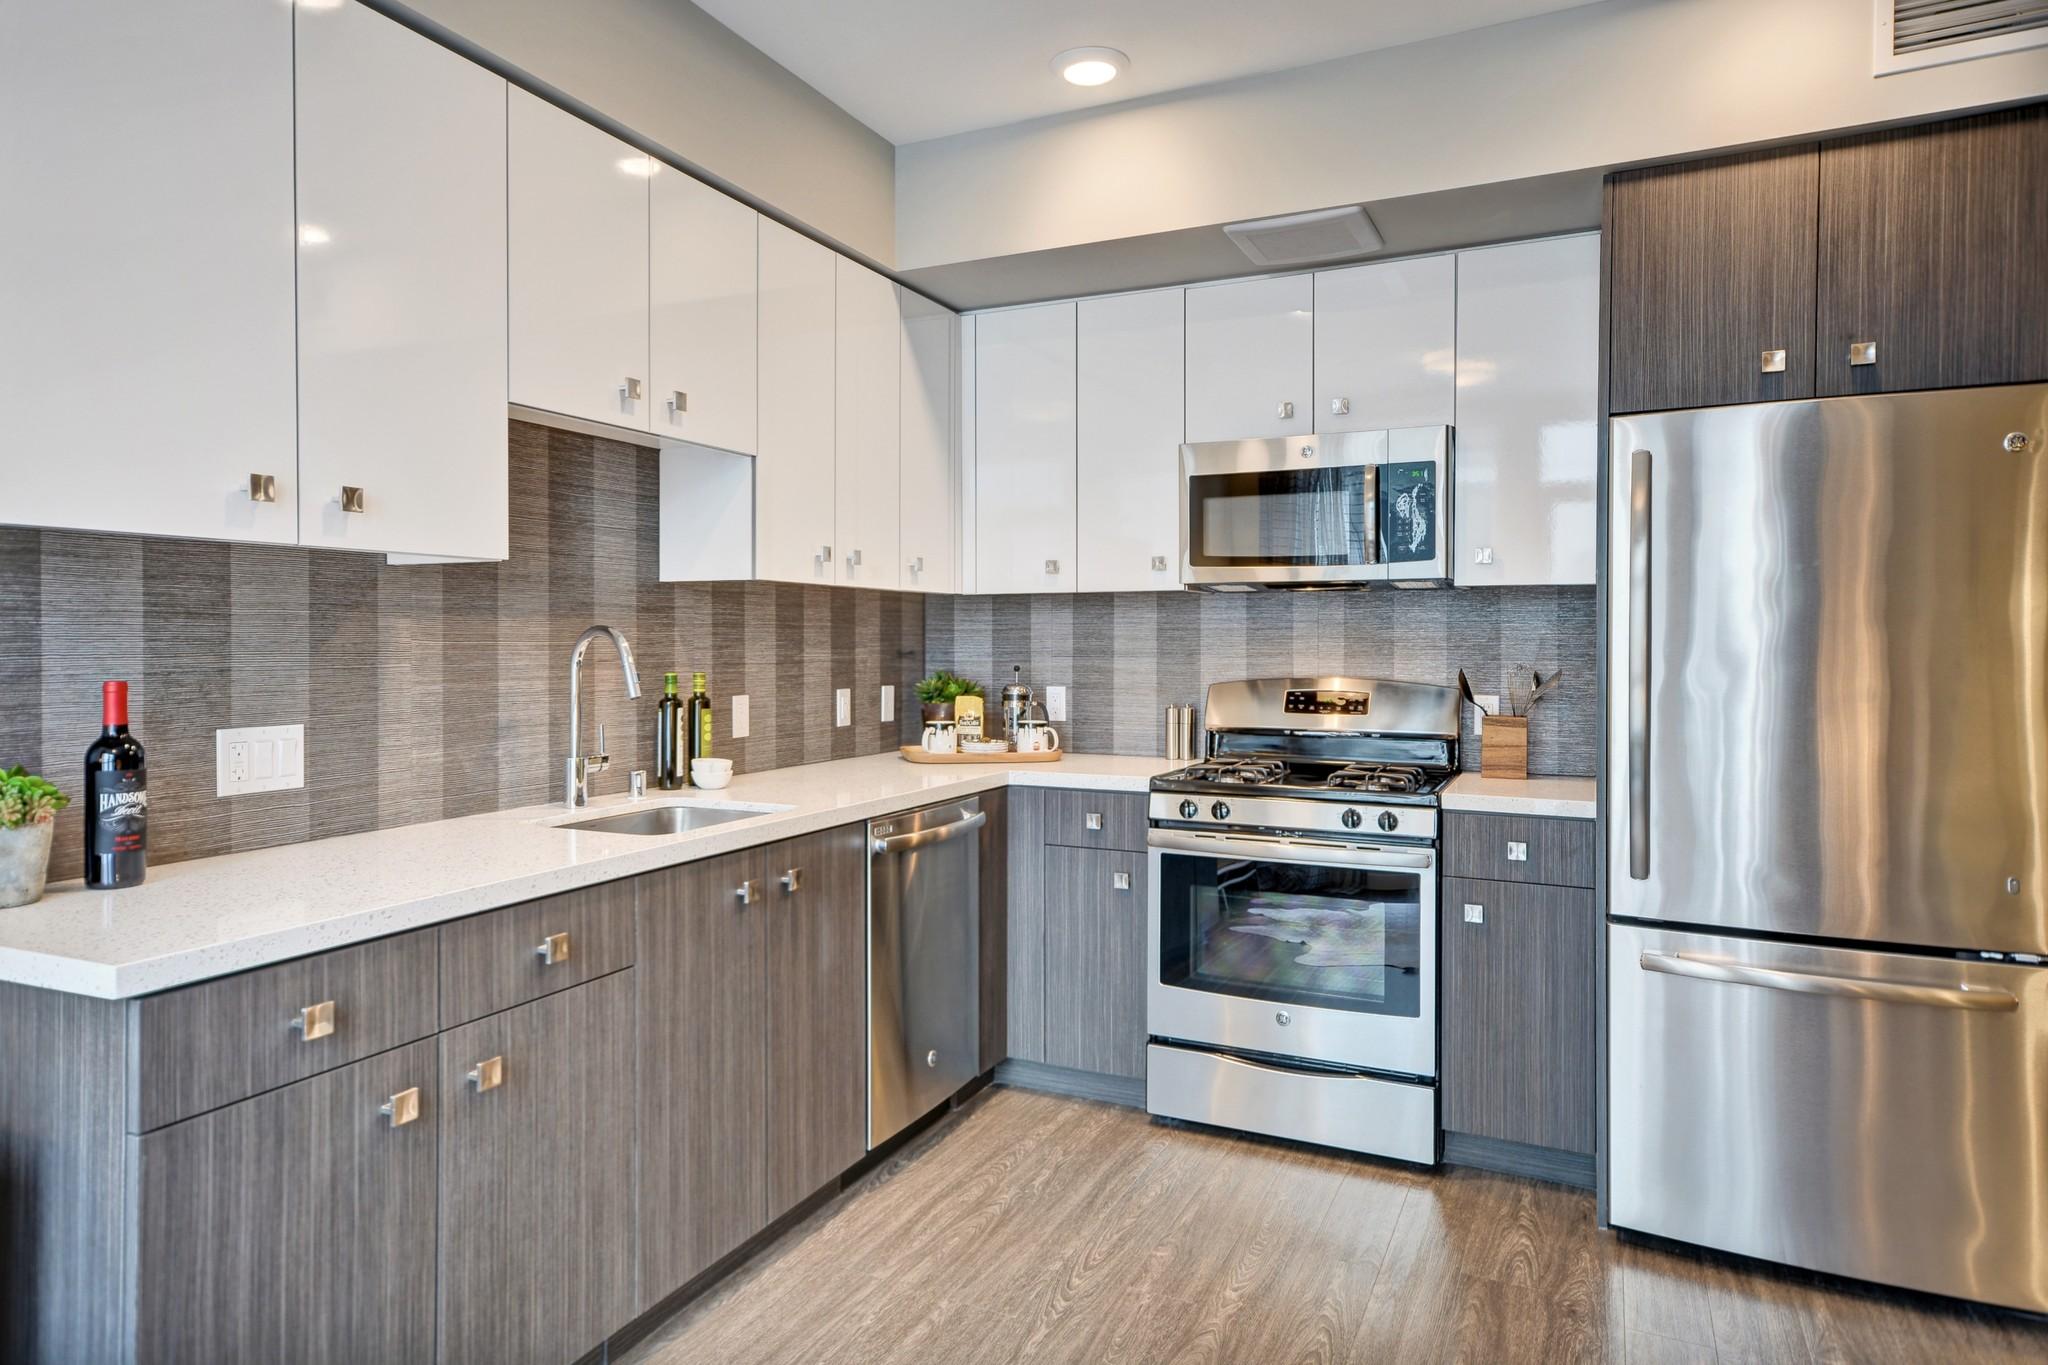 L Seven Apartments image 4